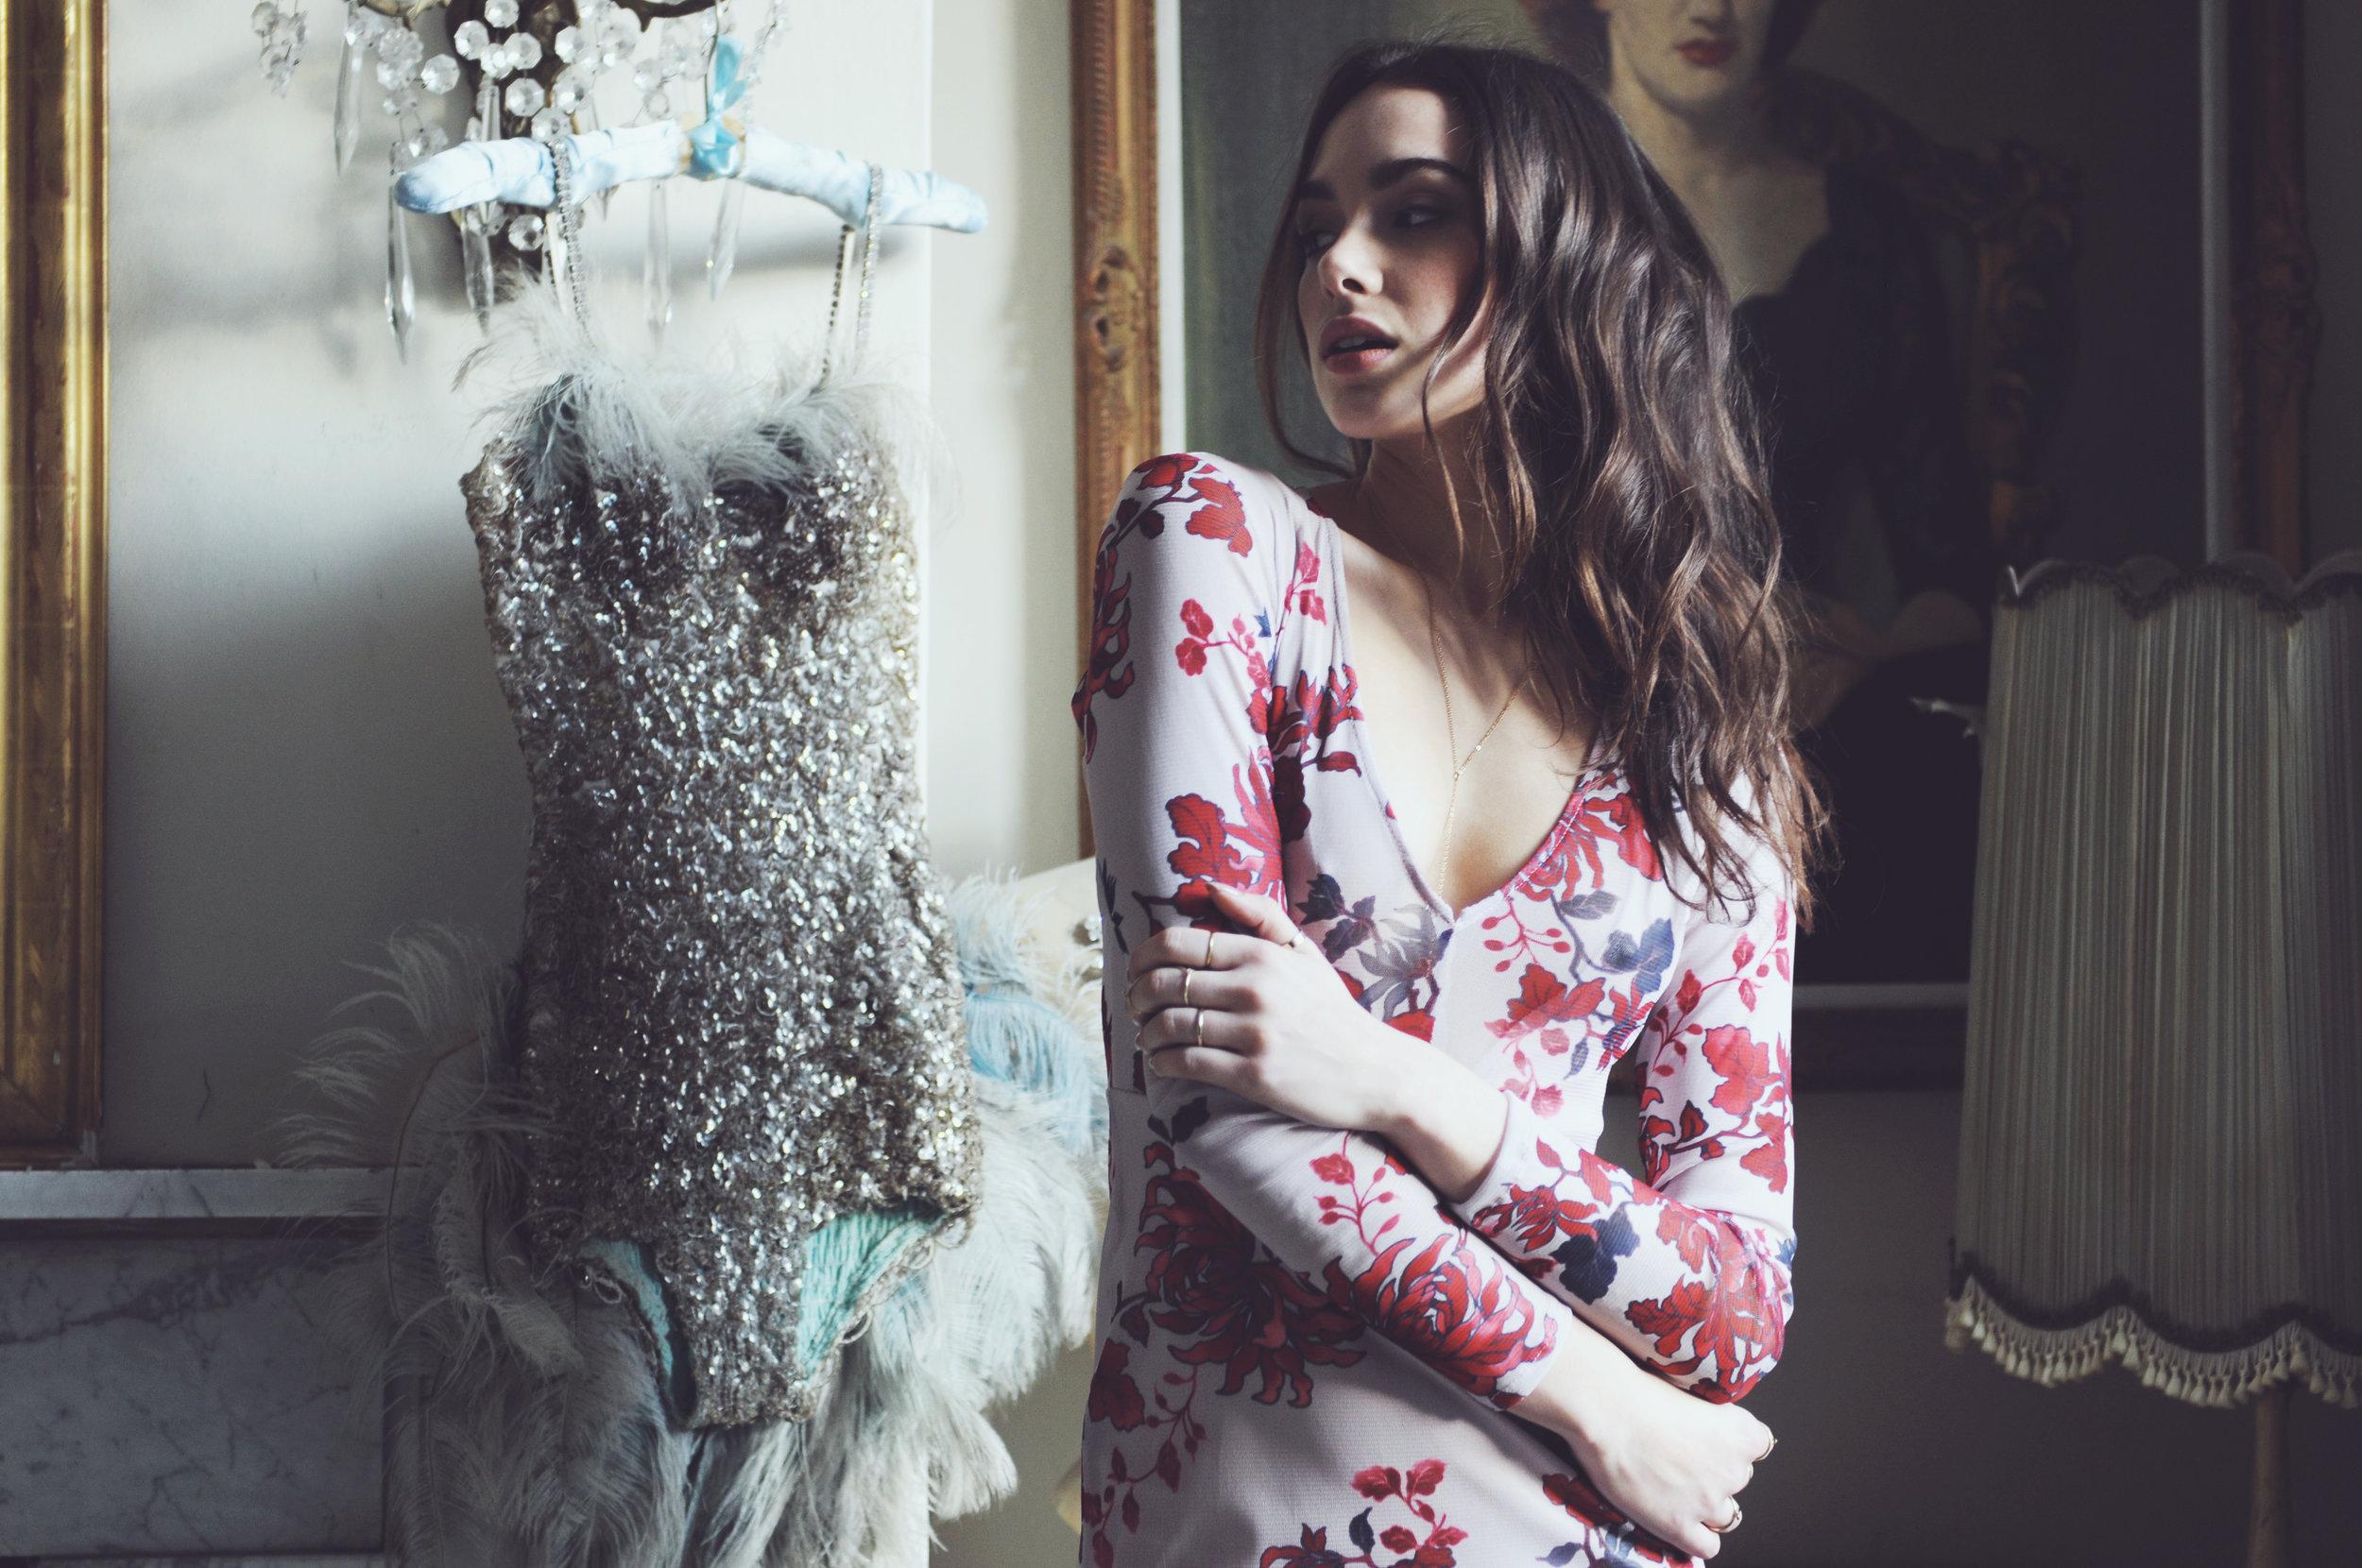 Jaz by Hanna Hillier